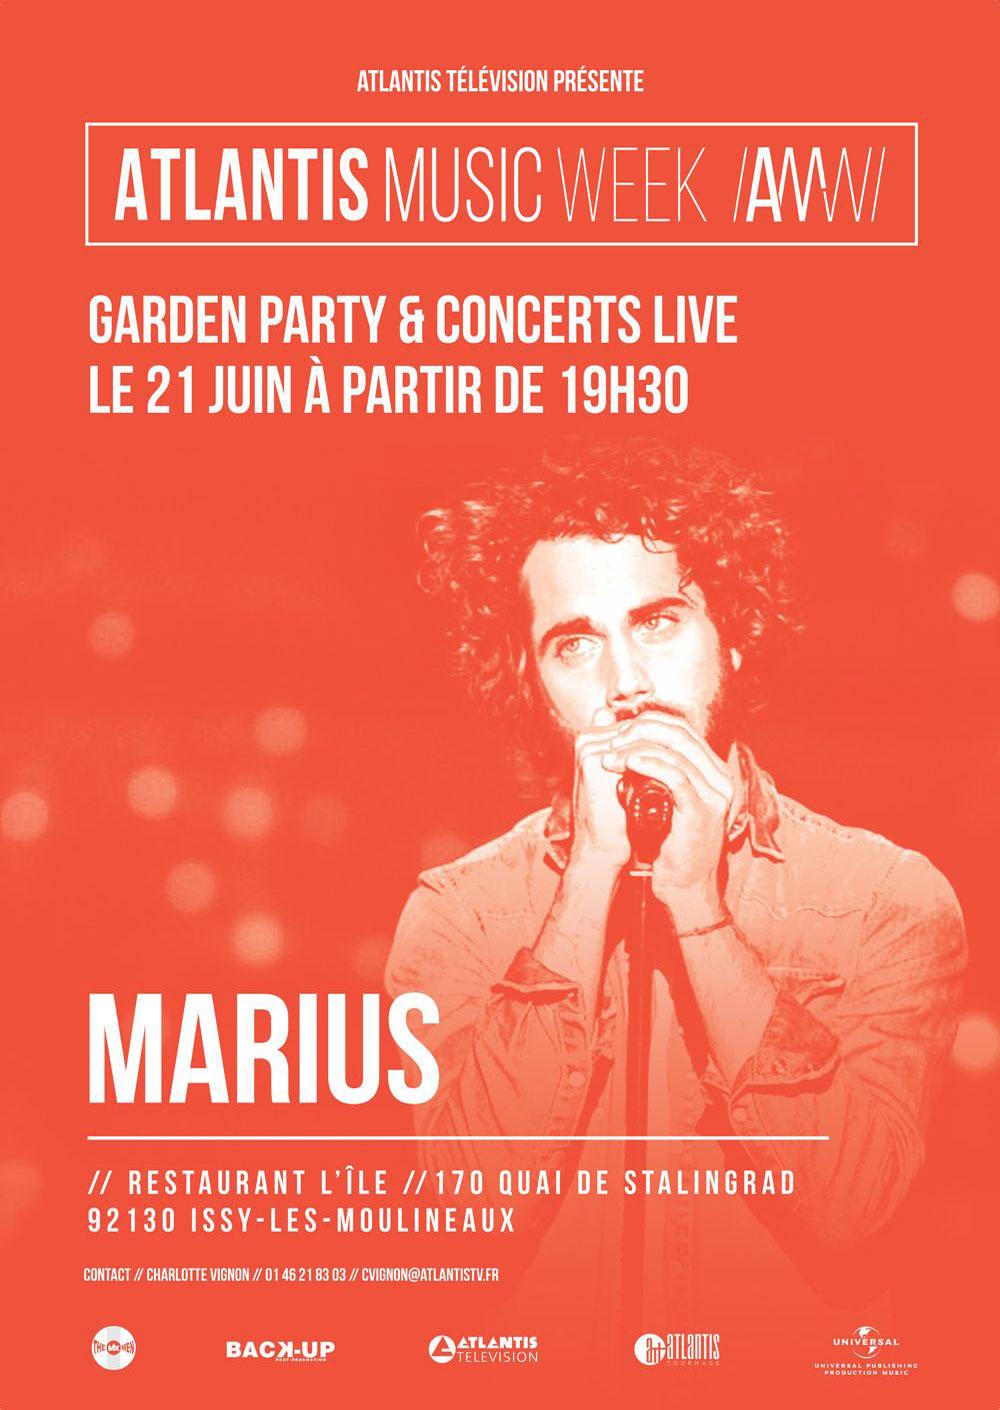 Marius, en concert à la Atlantis Music Week 2017